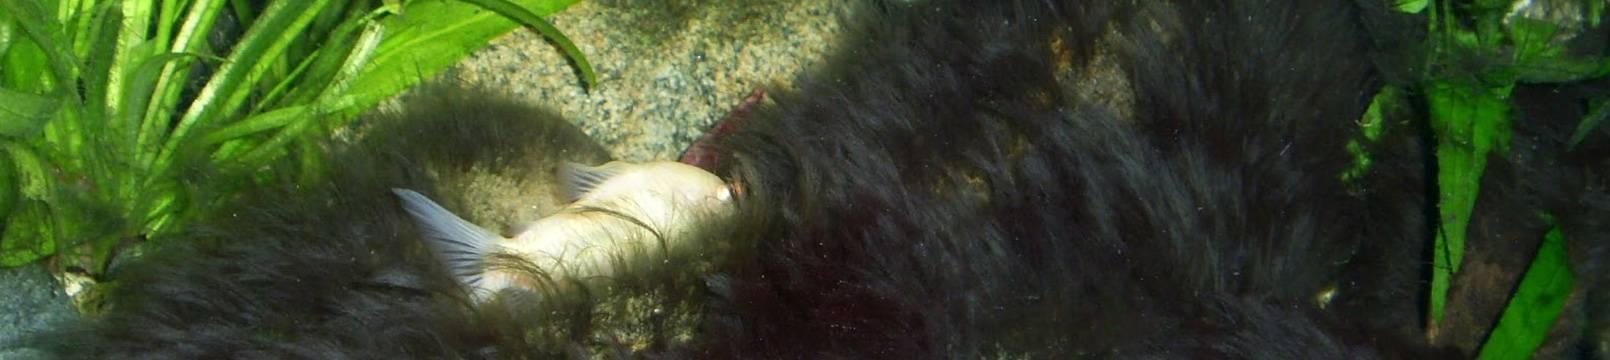 Как избавится от черной бороды в аквариуме